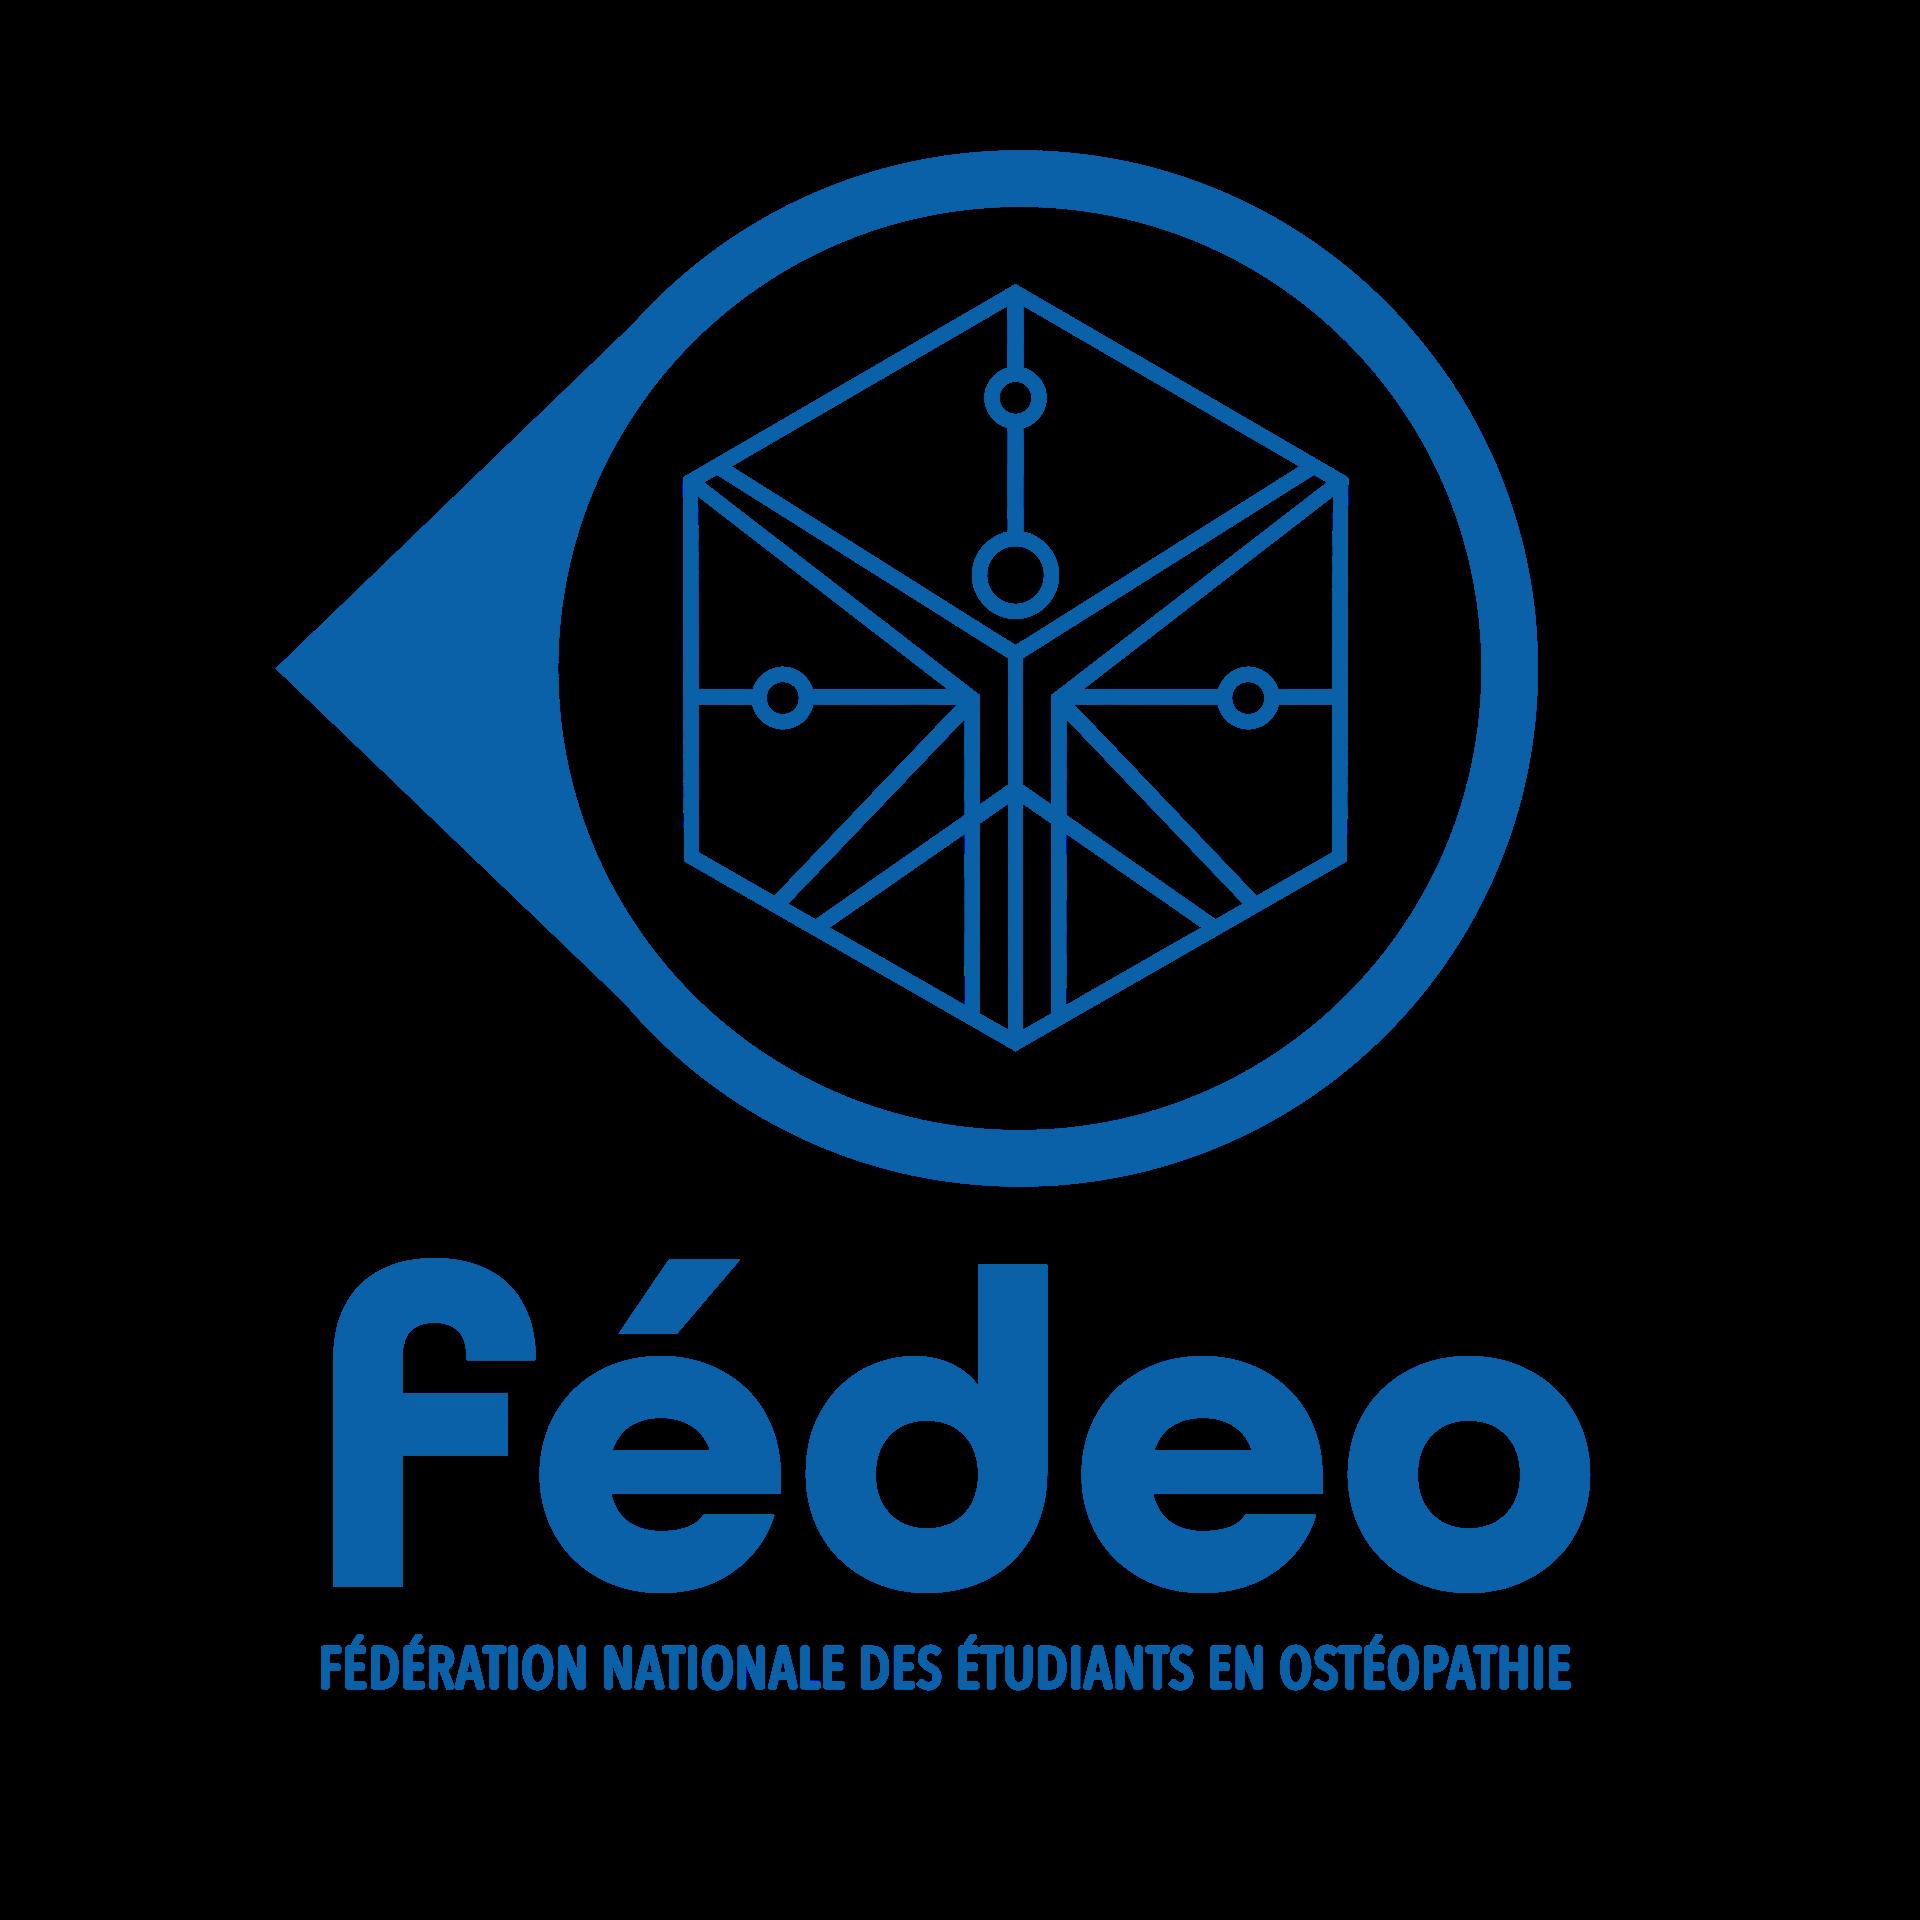 logo FédEO